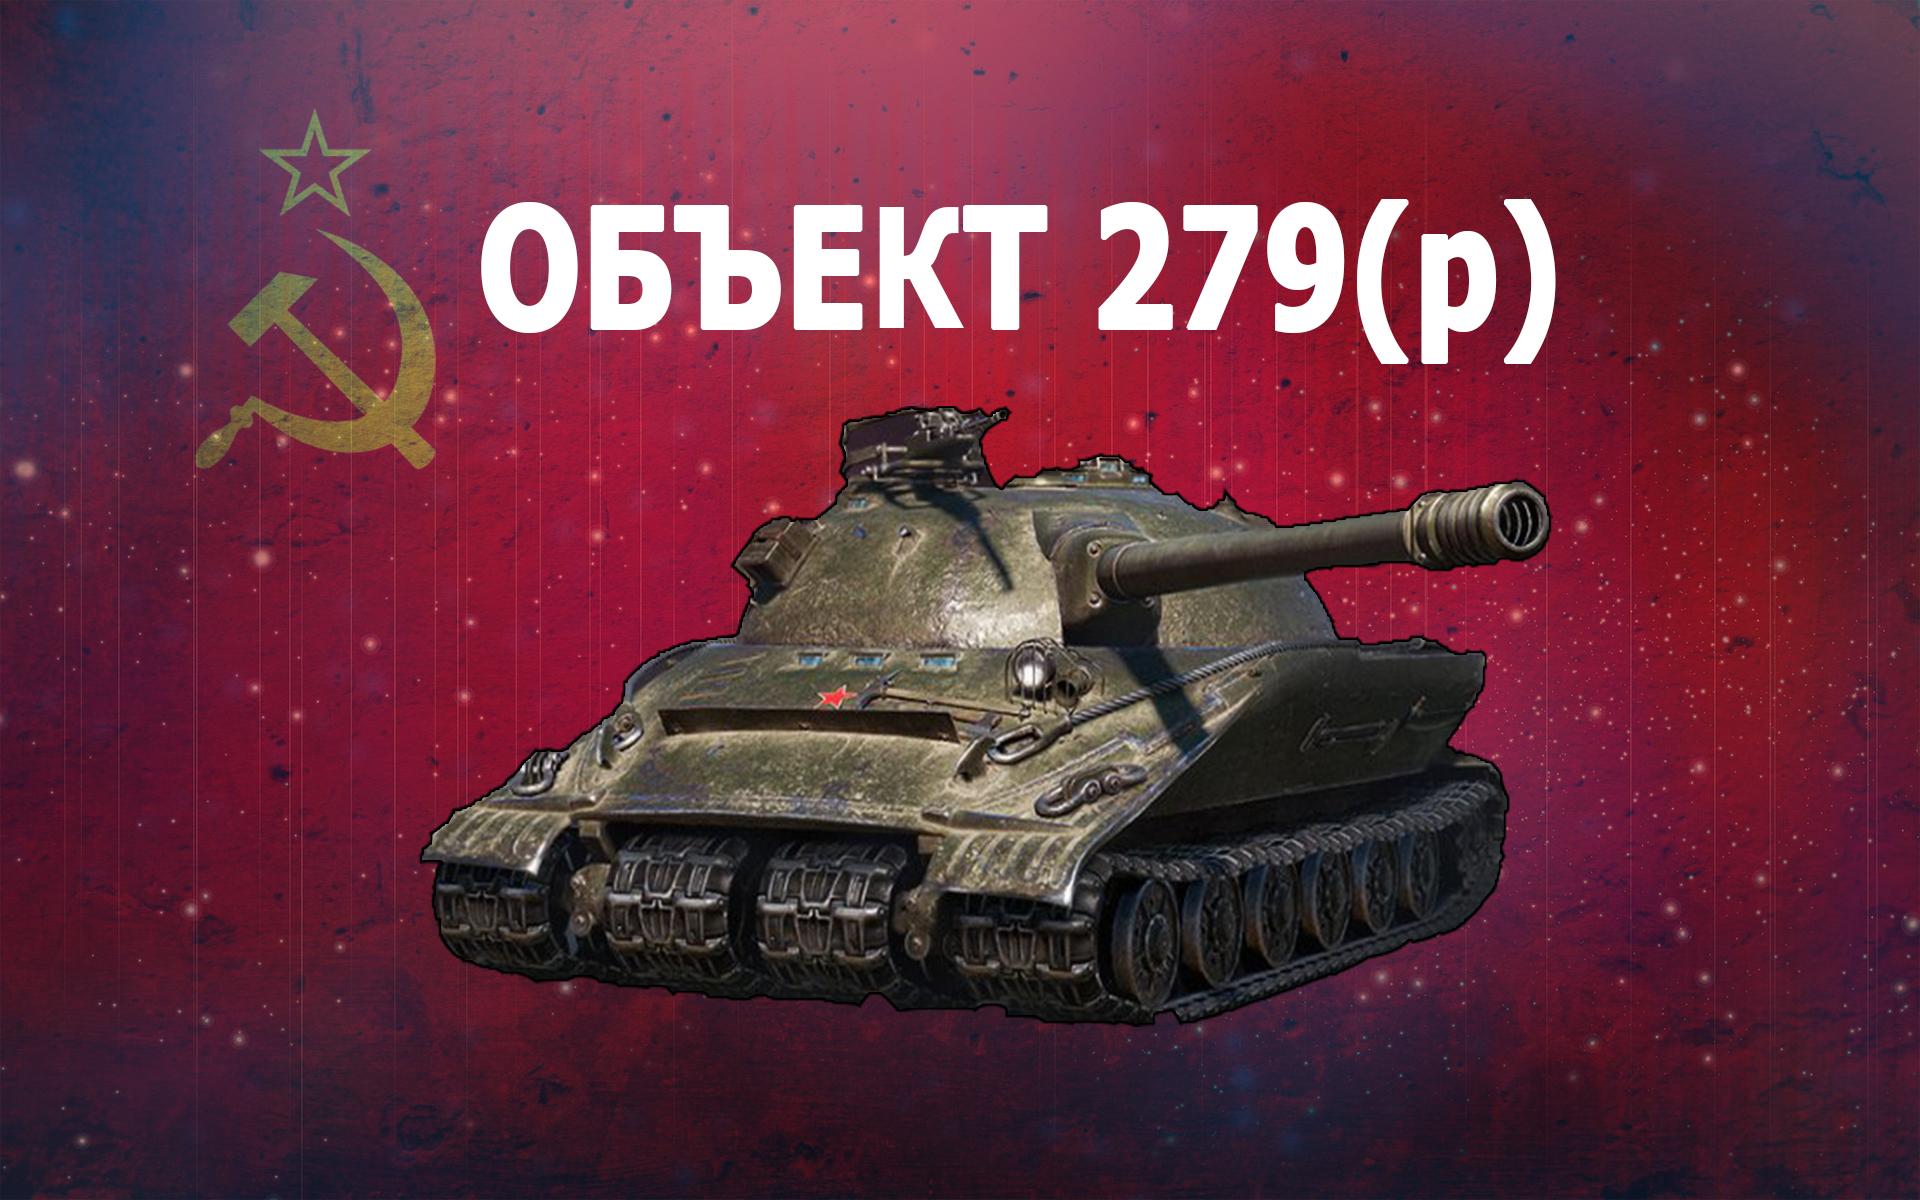 Объект 279 (р)